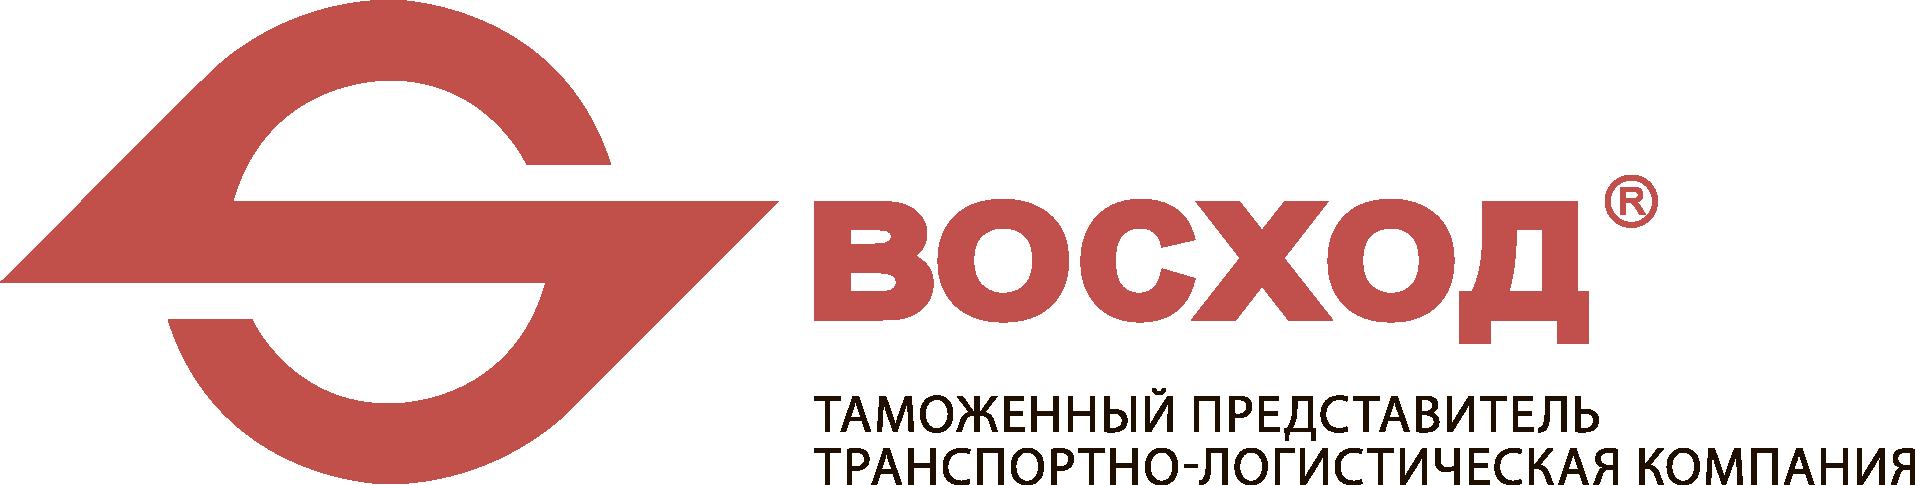 """Работа в компании «ООО """"Восход""""» в Санкт-Петербурга"""